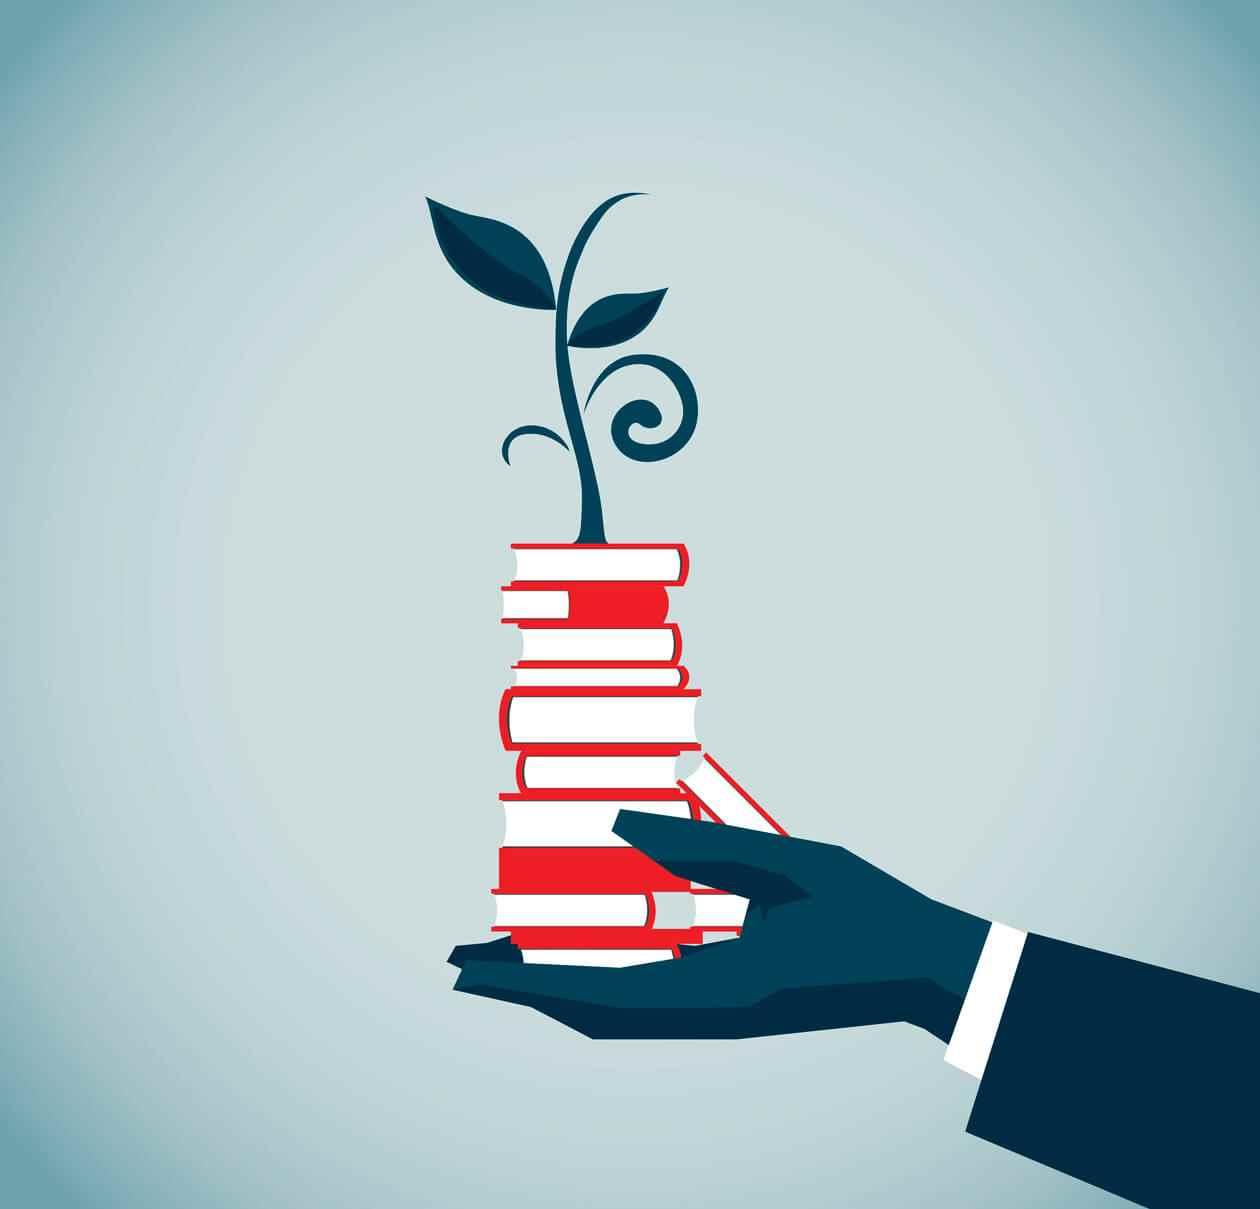 8 libra që ju mësojnë të jeni të pasur